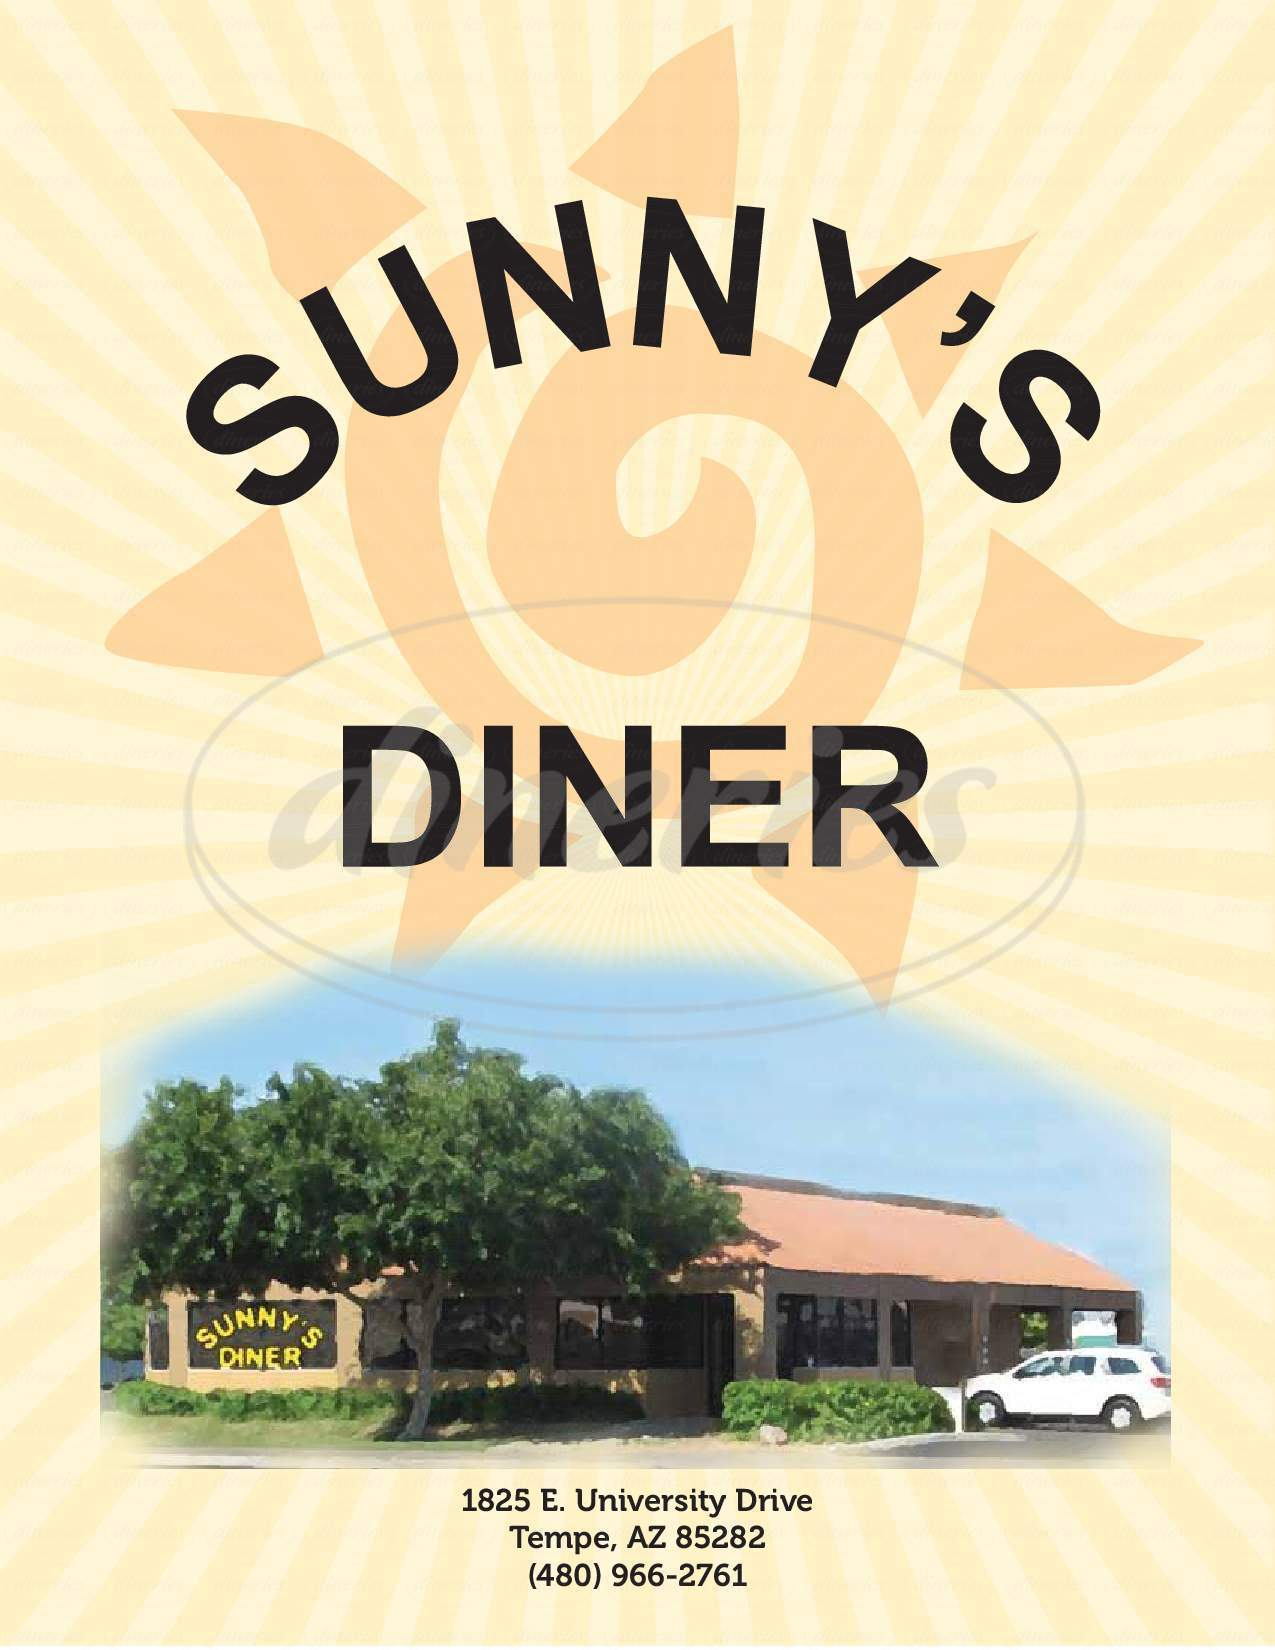 menu for Sunny's Diner